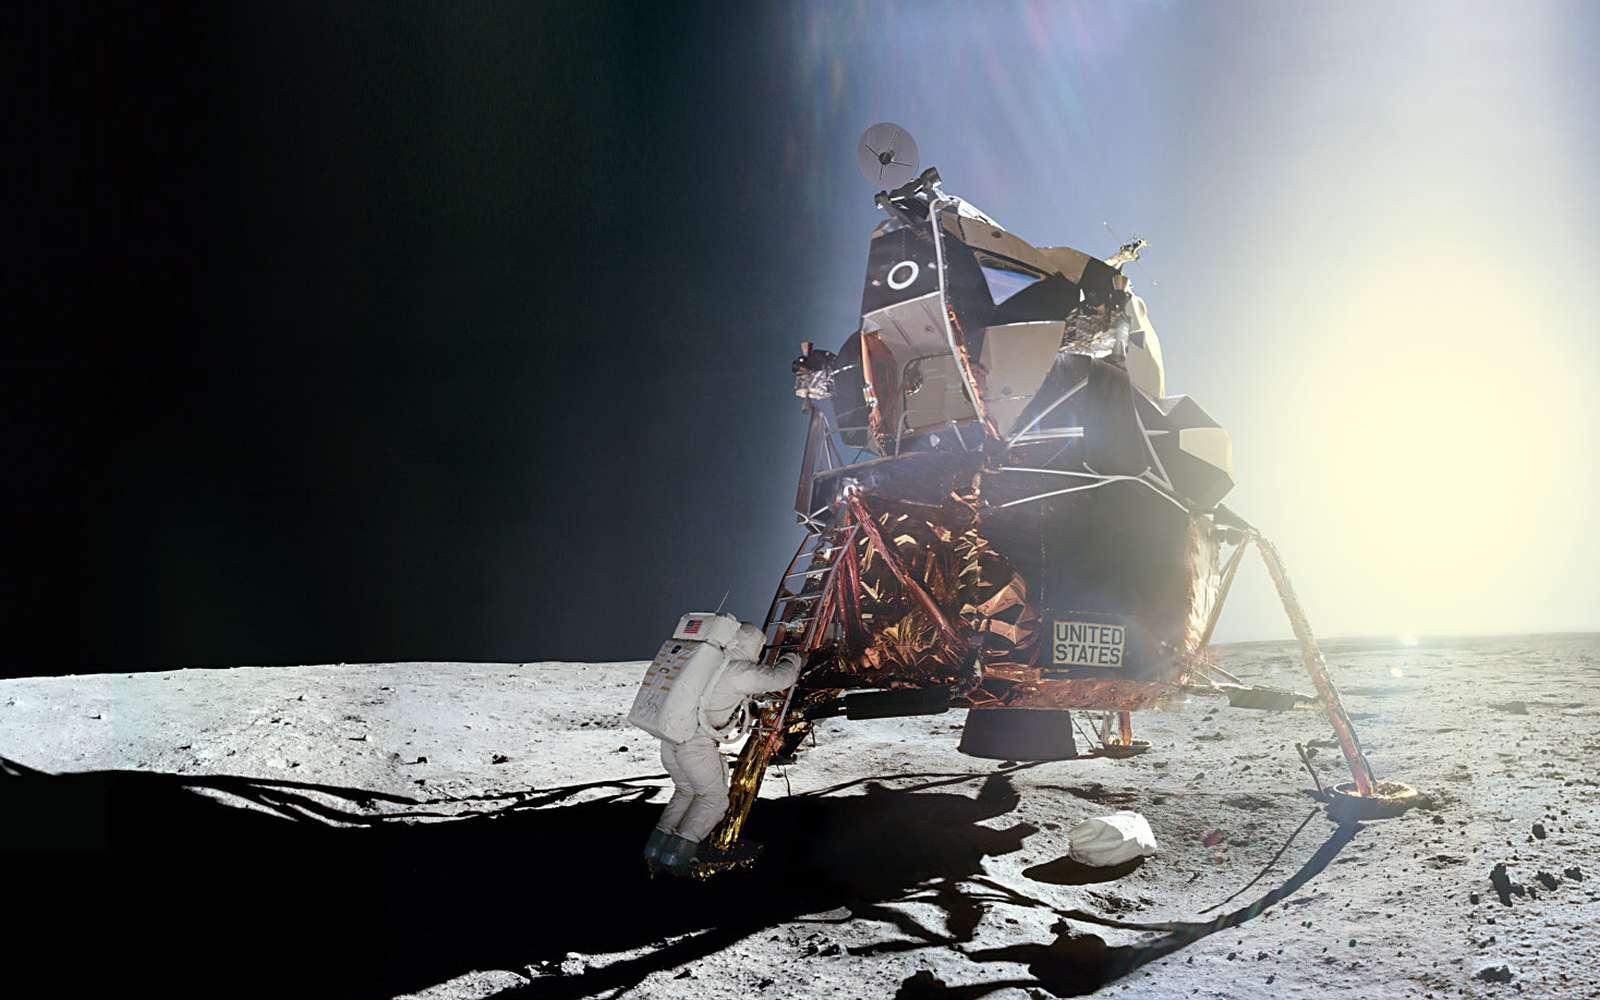 Moment de gloire... et d'éternité.. Moment de gloire... et d'éternité. Aldrin, ici photographié par Armstrong, reproduit les mêmes gestes qui viennent de faire l'histoire. Le vieux rêve de l'humanité s'est enfin réalisé : on a marché sur la Lune ! (Apollo 11) ''Images NASA/JSC, Retraitements O. de Goursac, « LUNE », Tallandier, 2008''